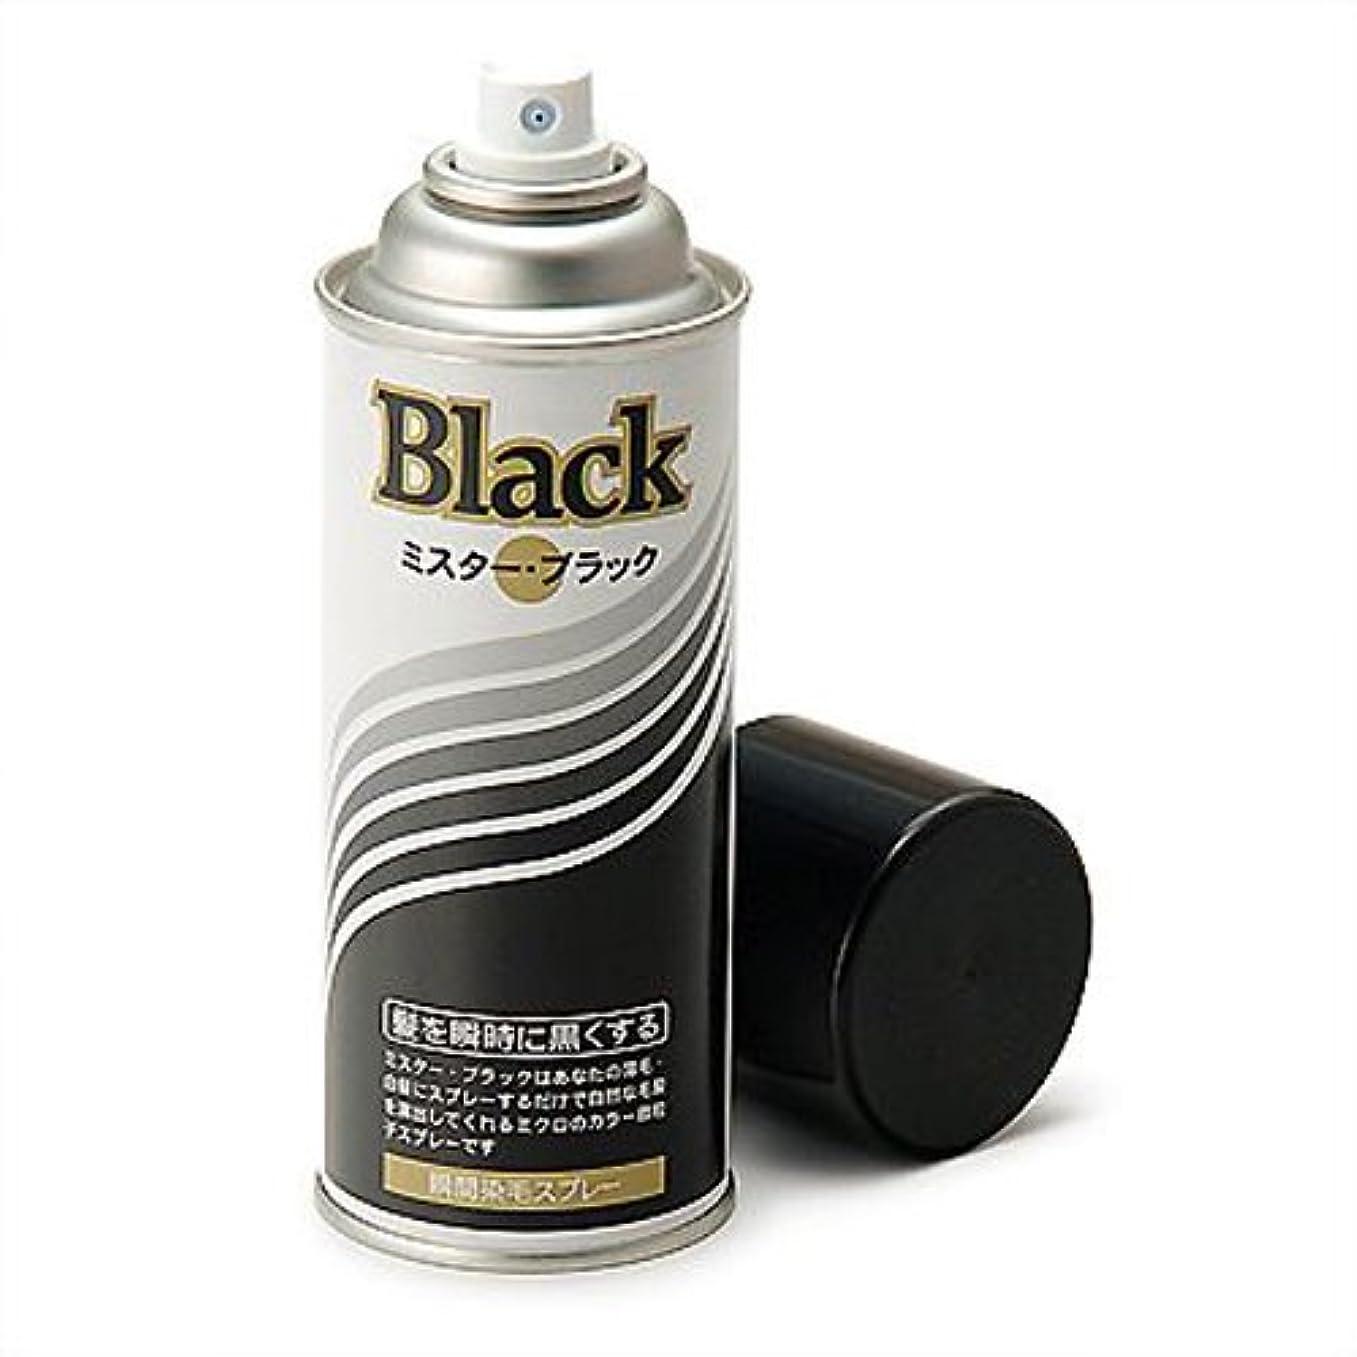 ミキサー実装する不完全増毛スプレー剤で薄毛を瞬時で増毛にするミスターブラック1本